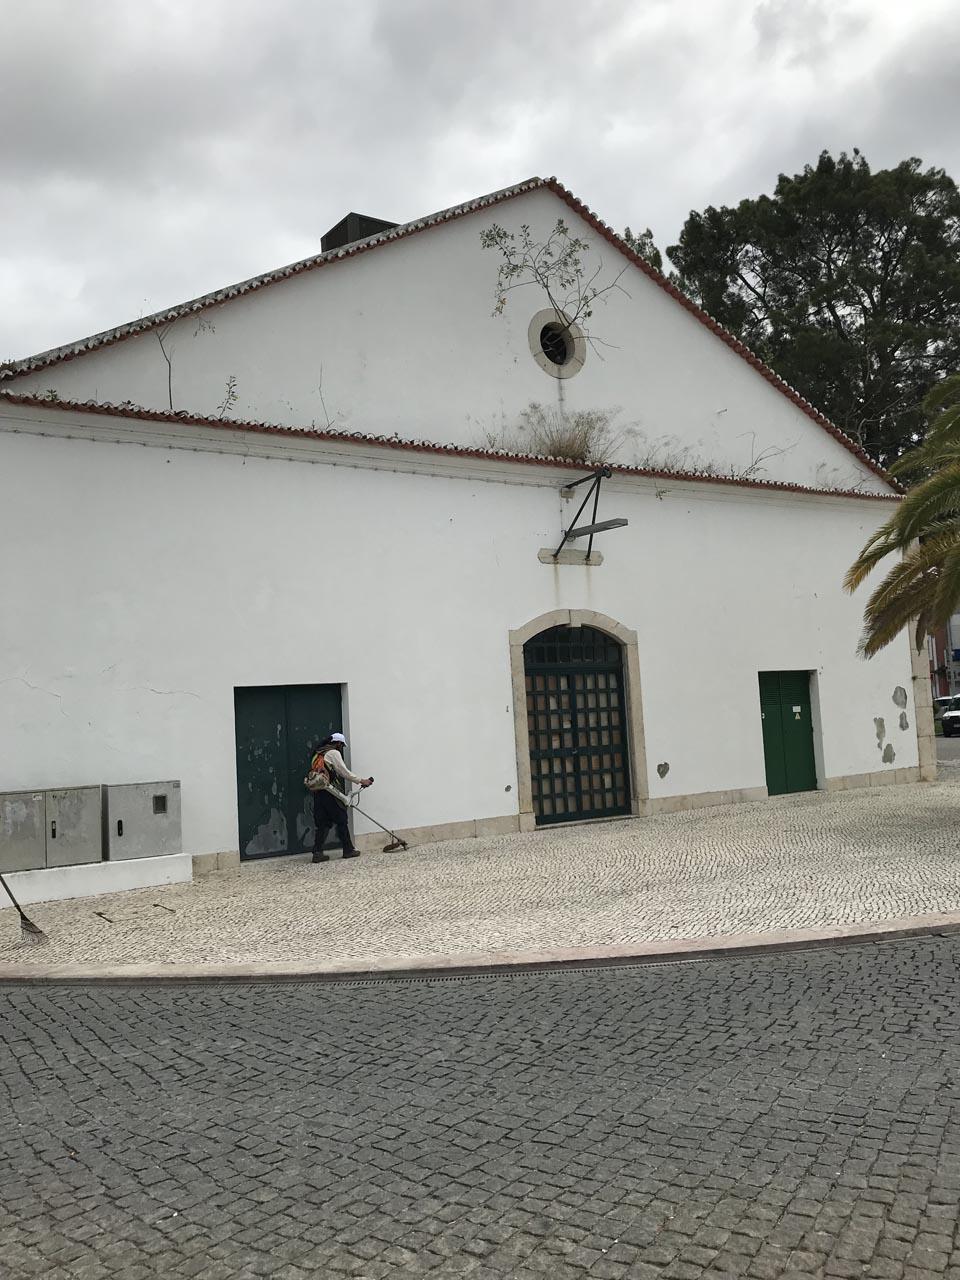 https://www.araujo-arquitectura.pt/wp-content/uploads/2020/12/IMG_7015.jpg